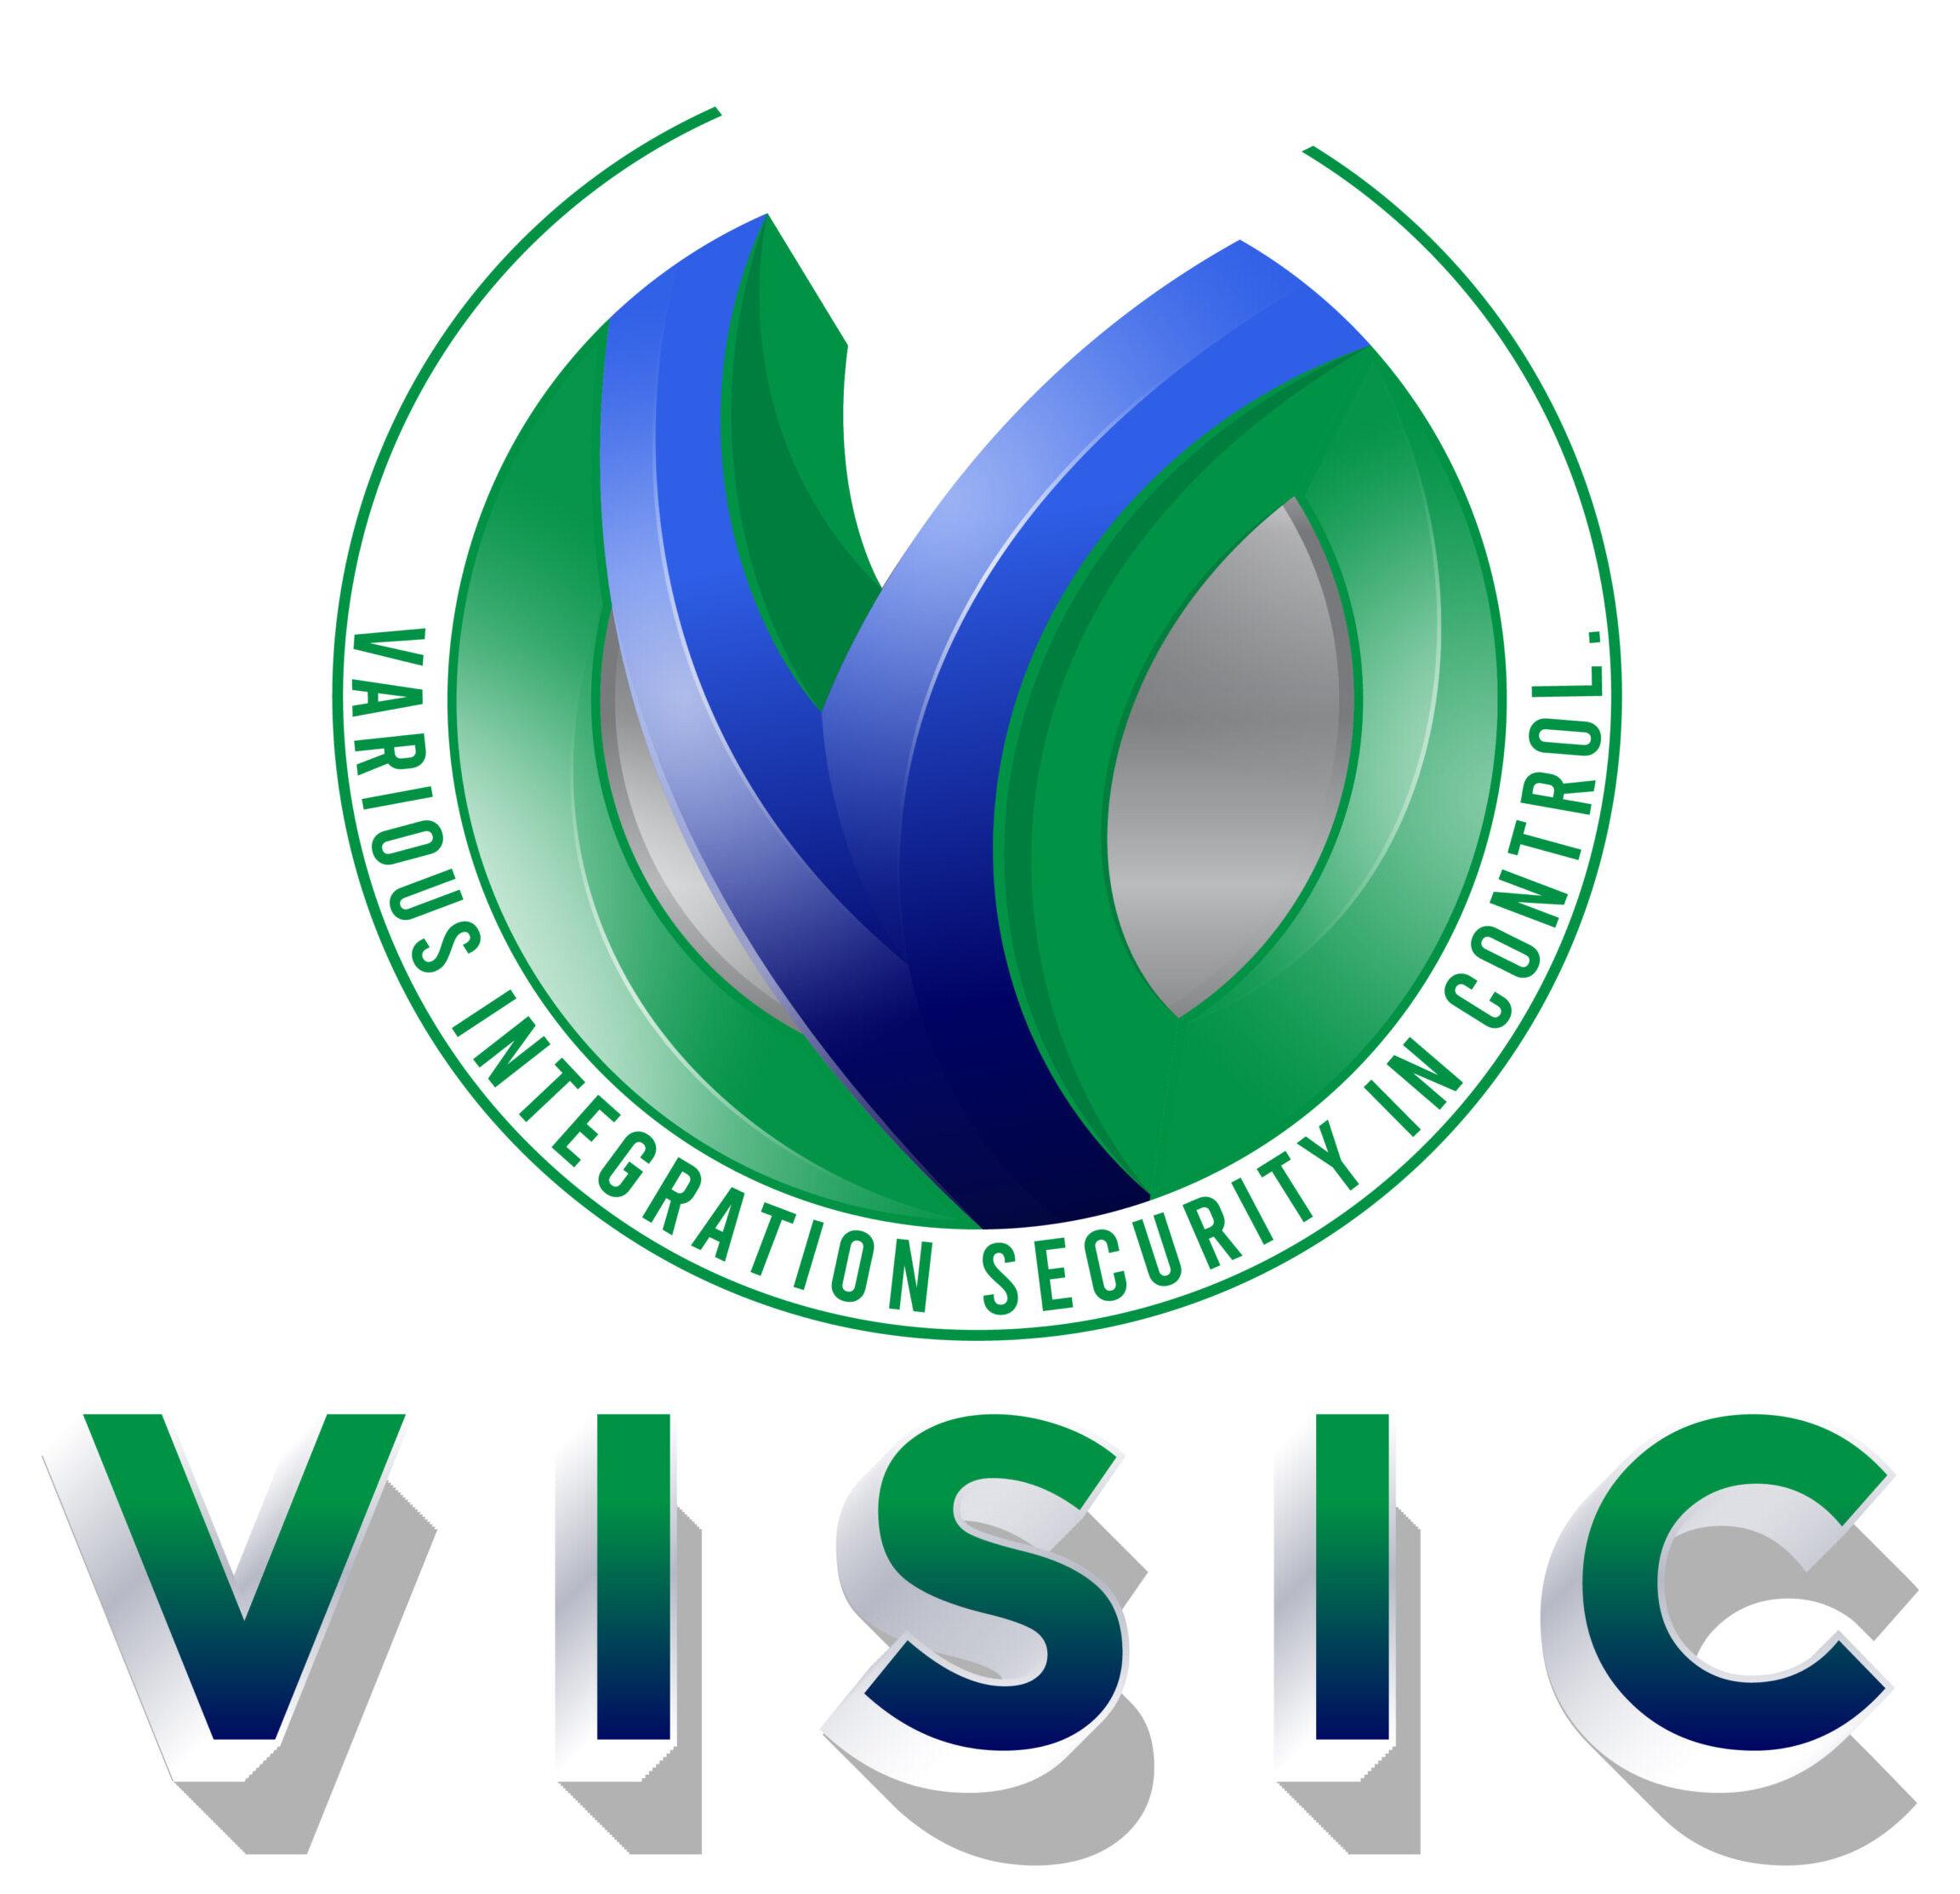 Visic LLC